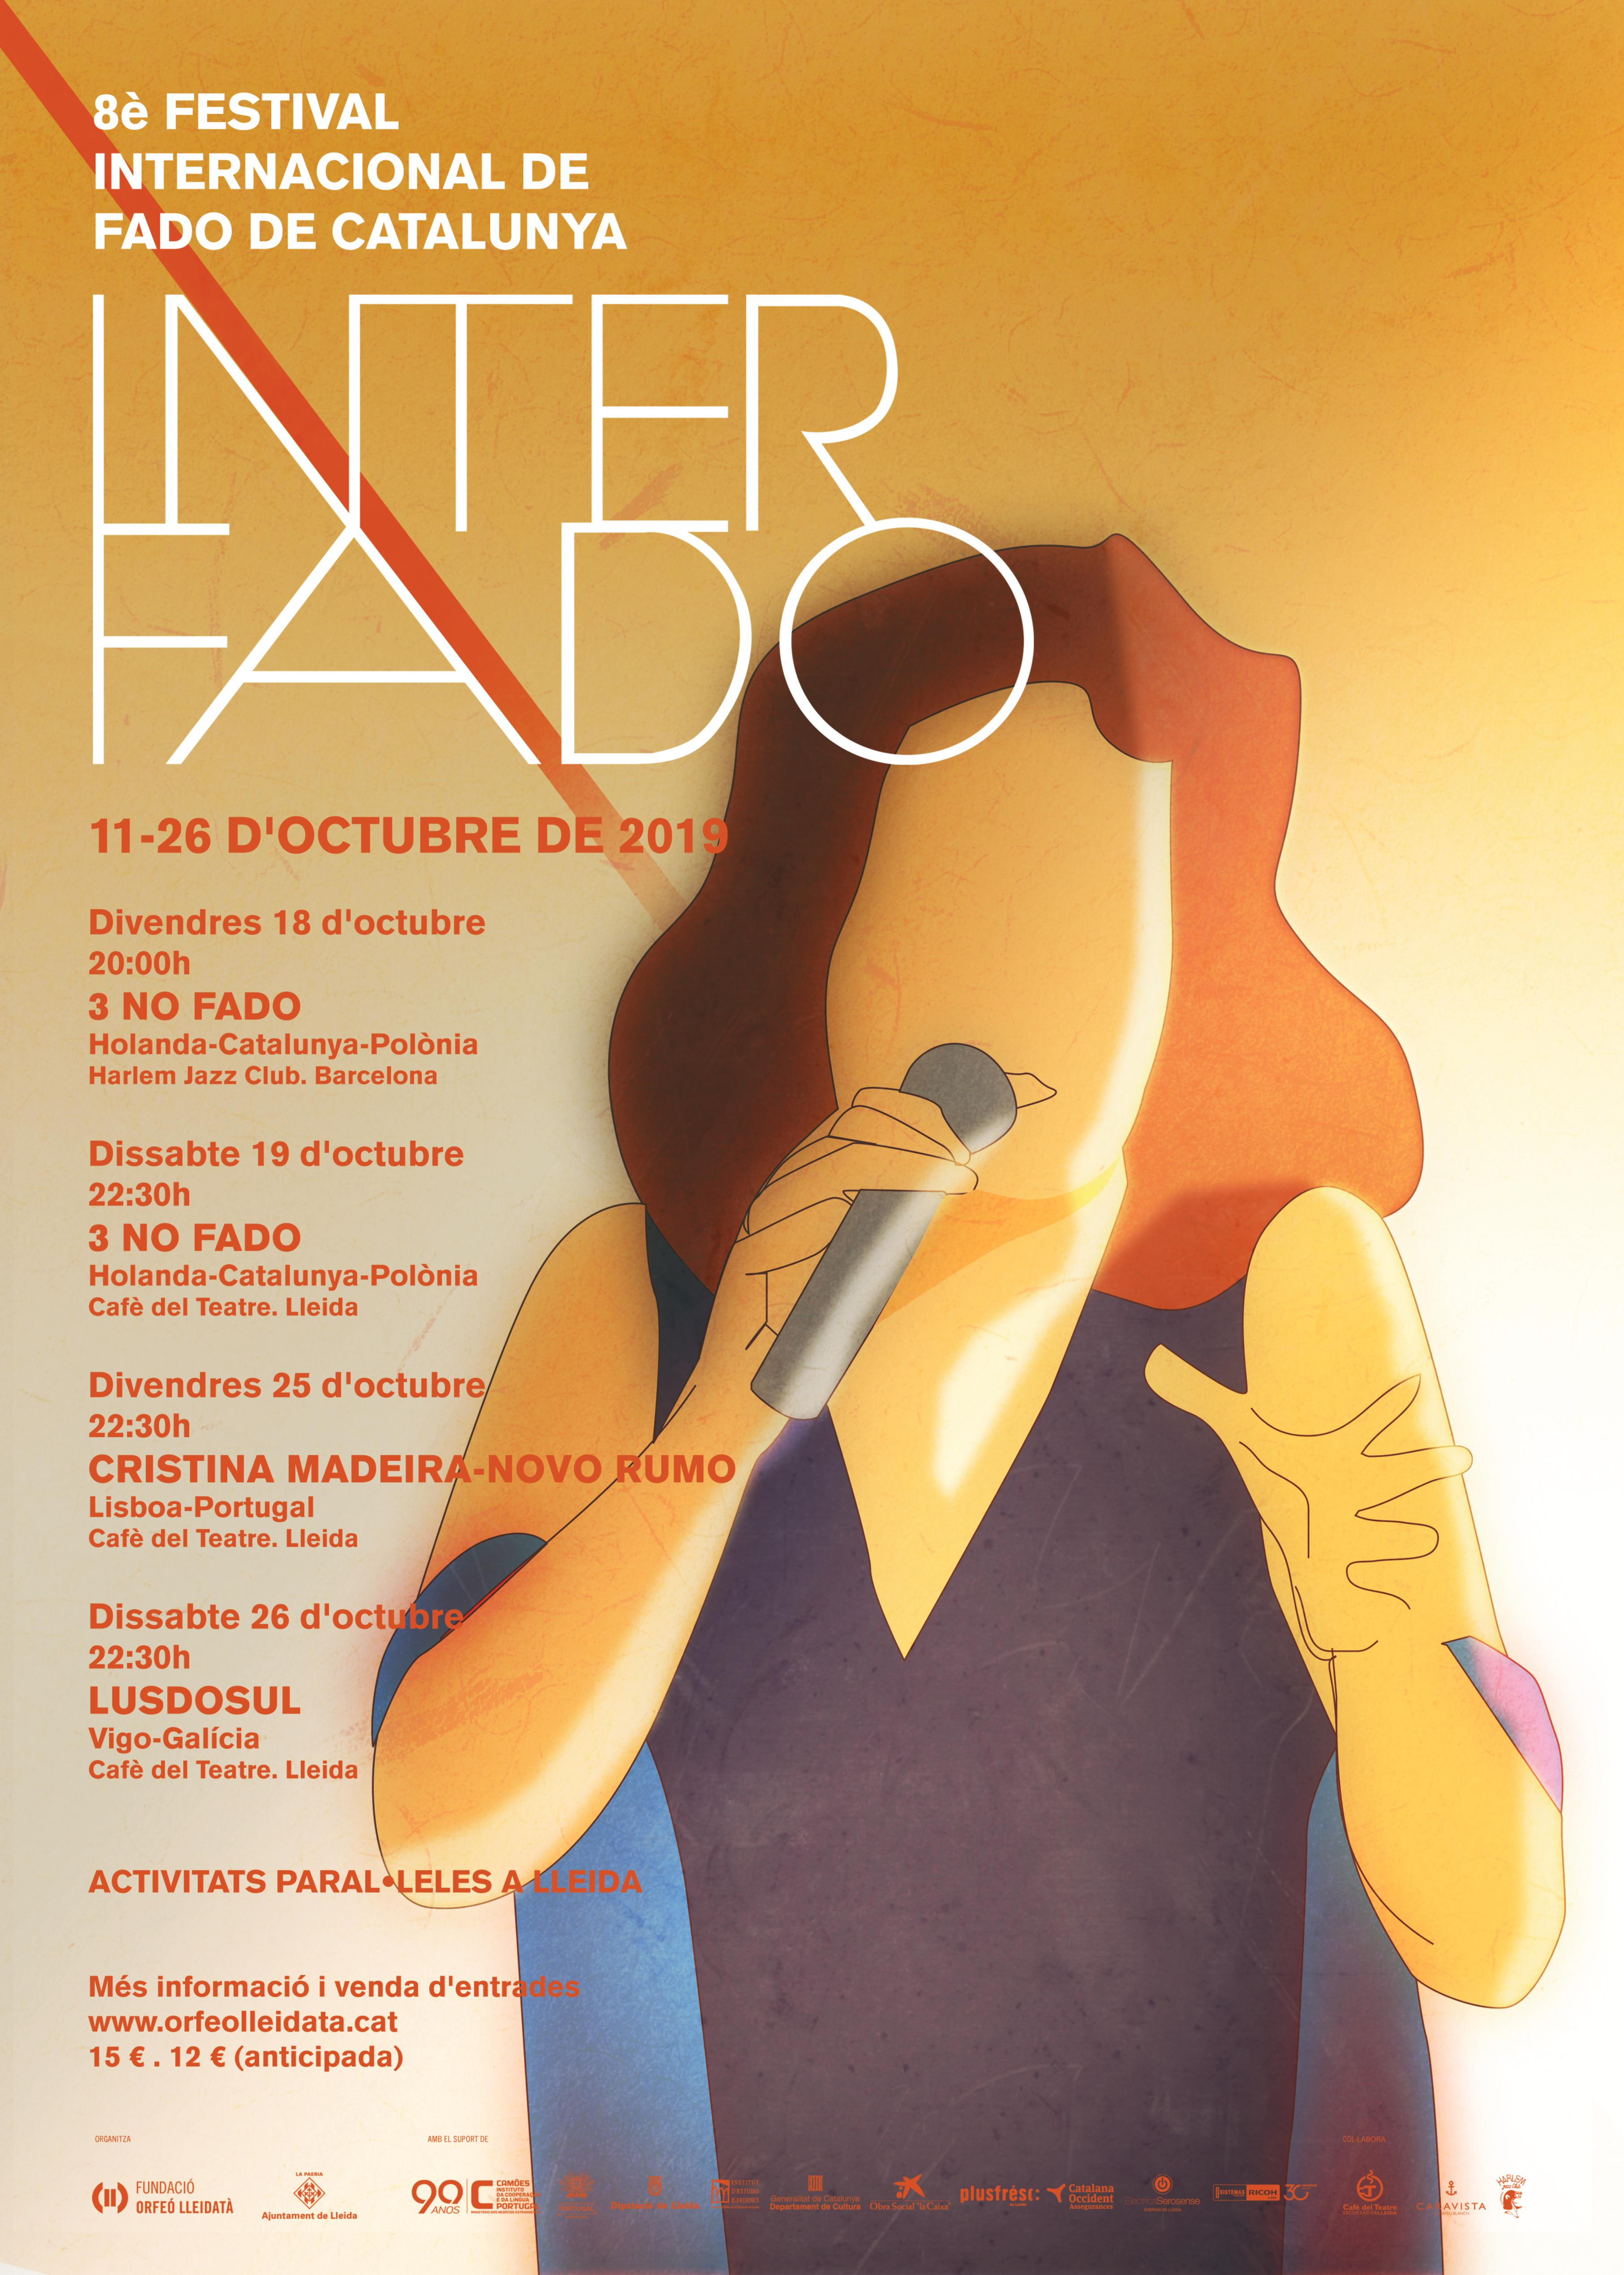 Inauguració de Festival Interfado/ Festival Internacional de Fado de Catalunya